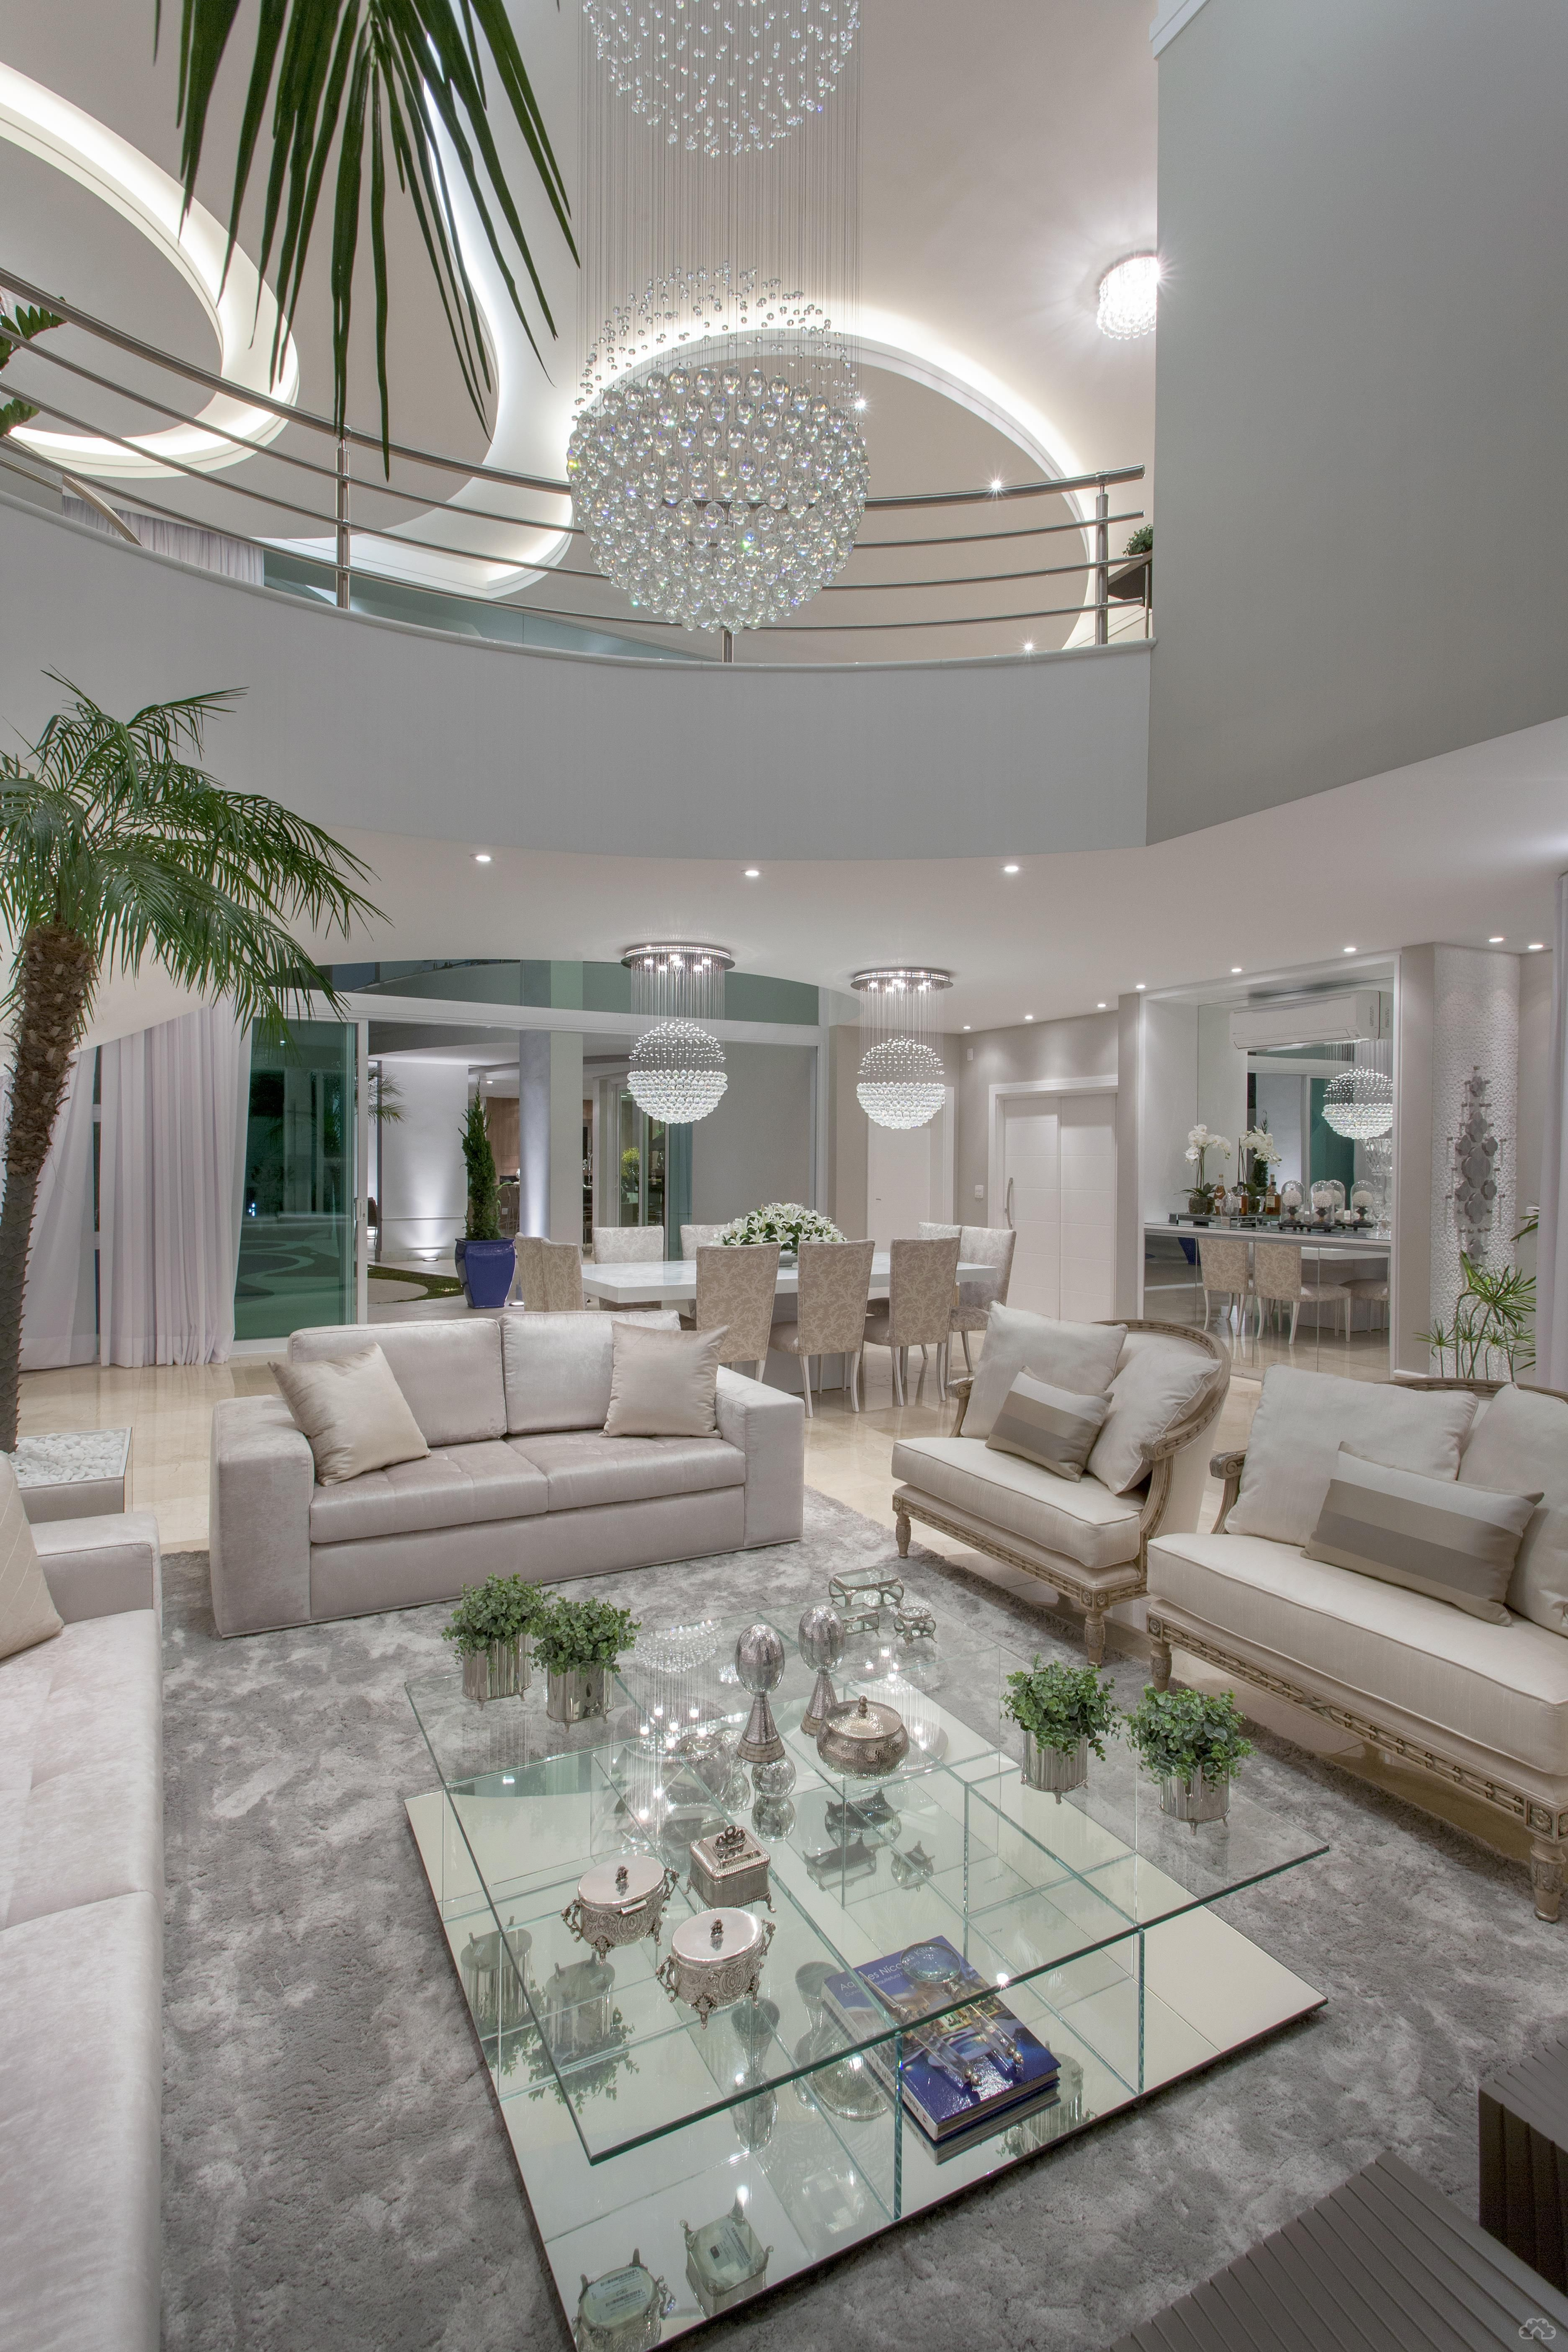 Decorsalteado Casas Luxuosas Interiores Sala De Luxo